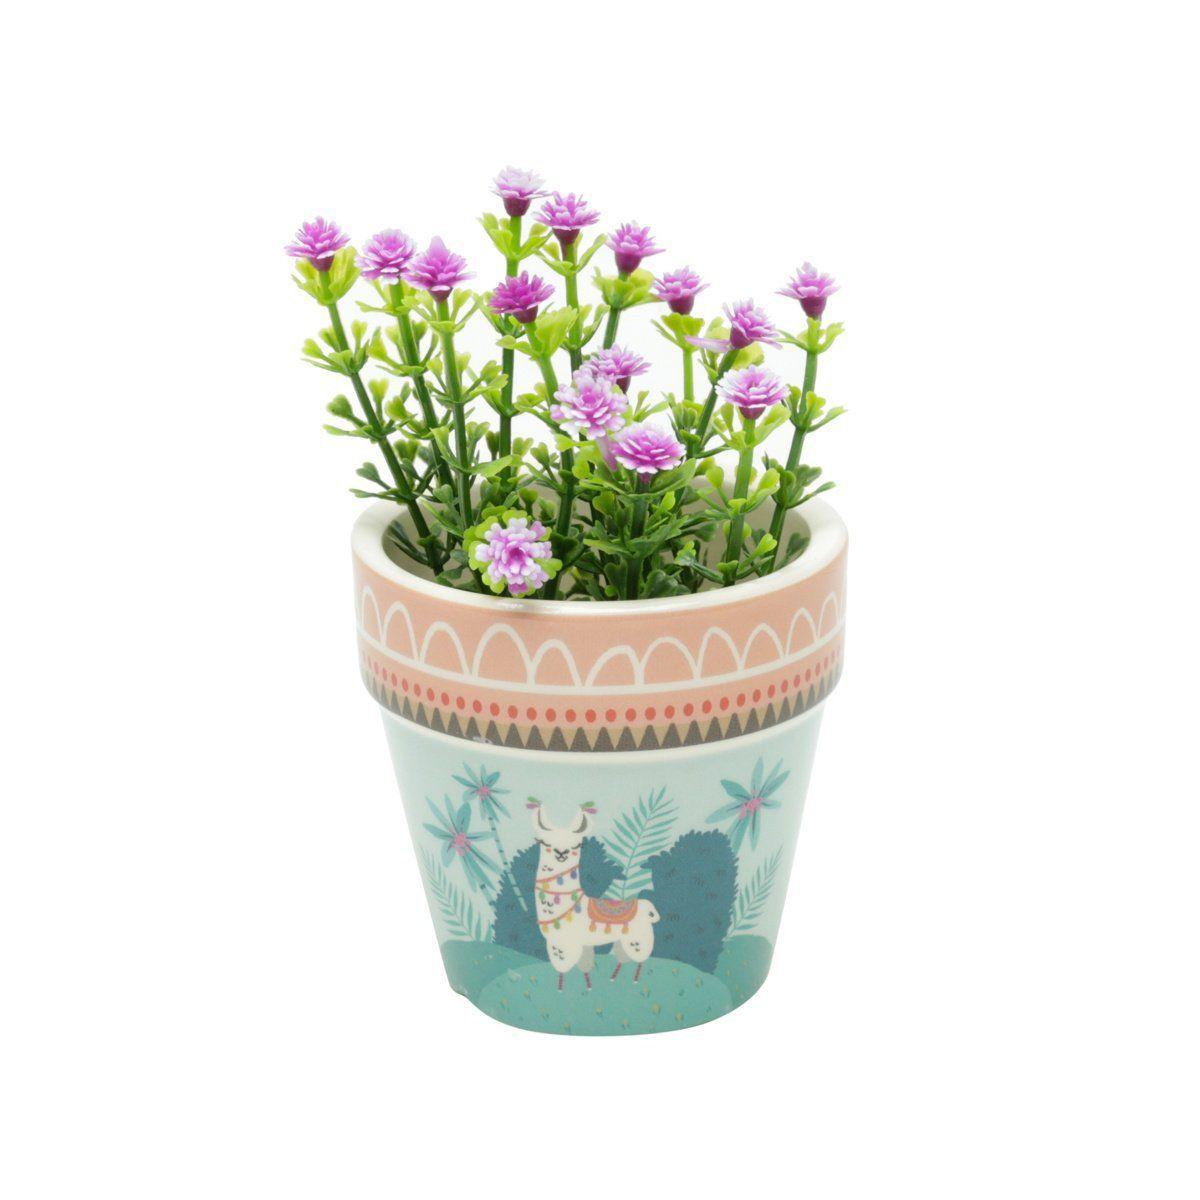 Vaso de Cerâmica Lhama Mexicano Colorido 7cm x 7cm - 42066